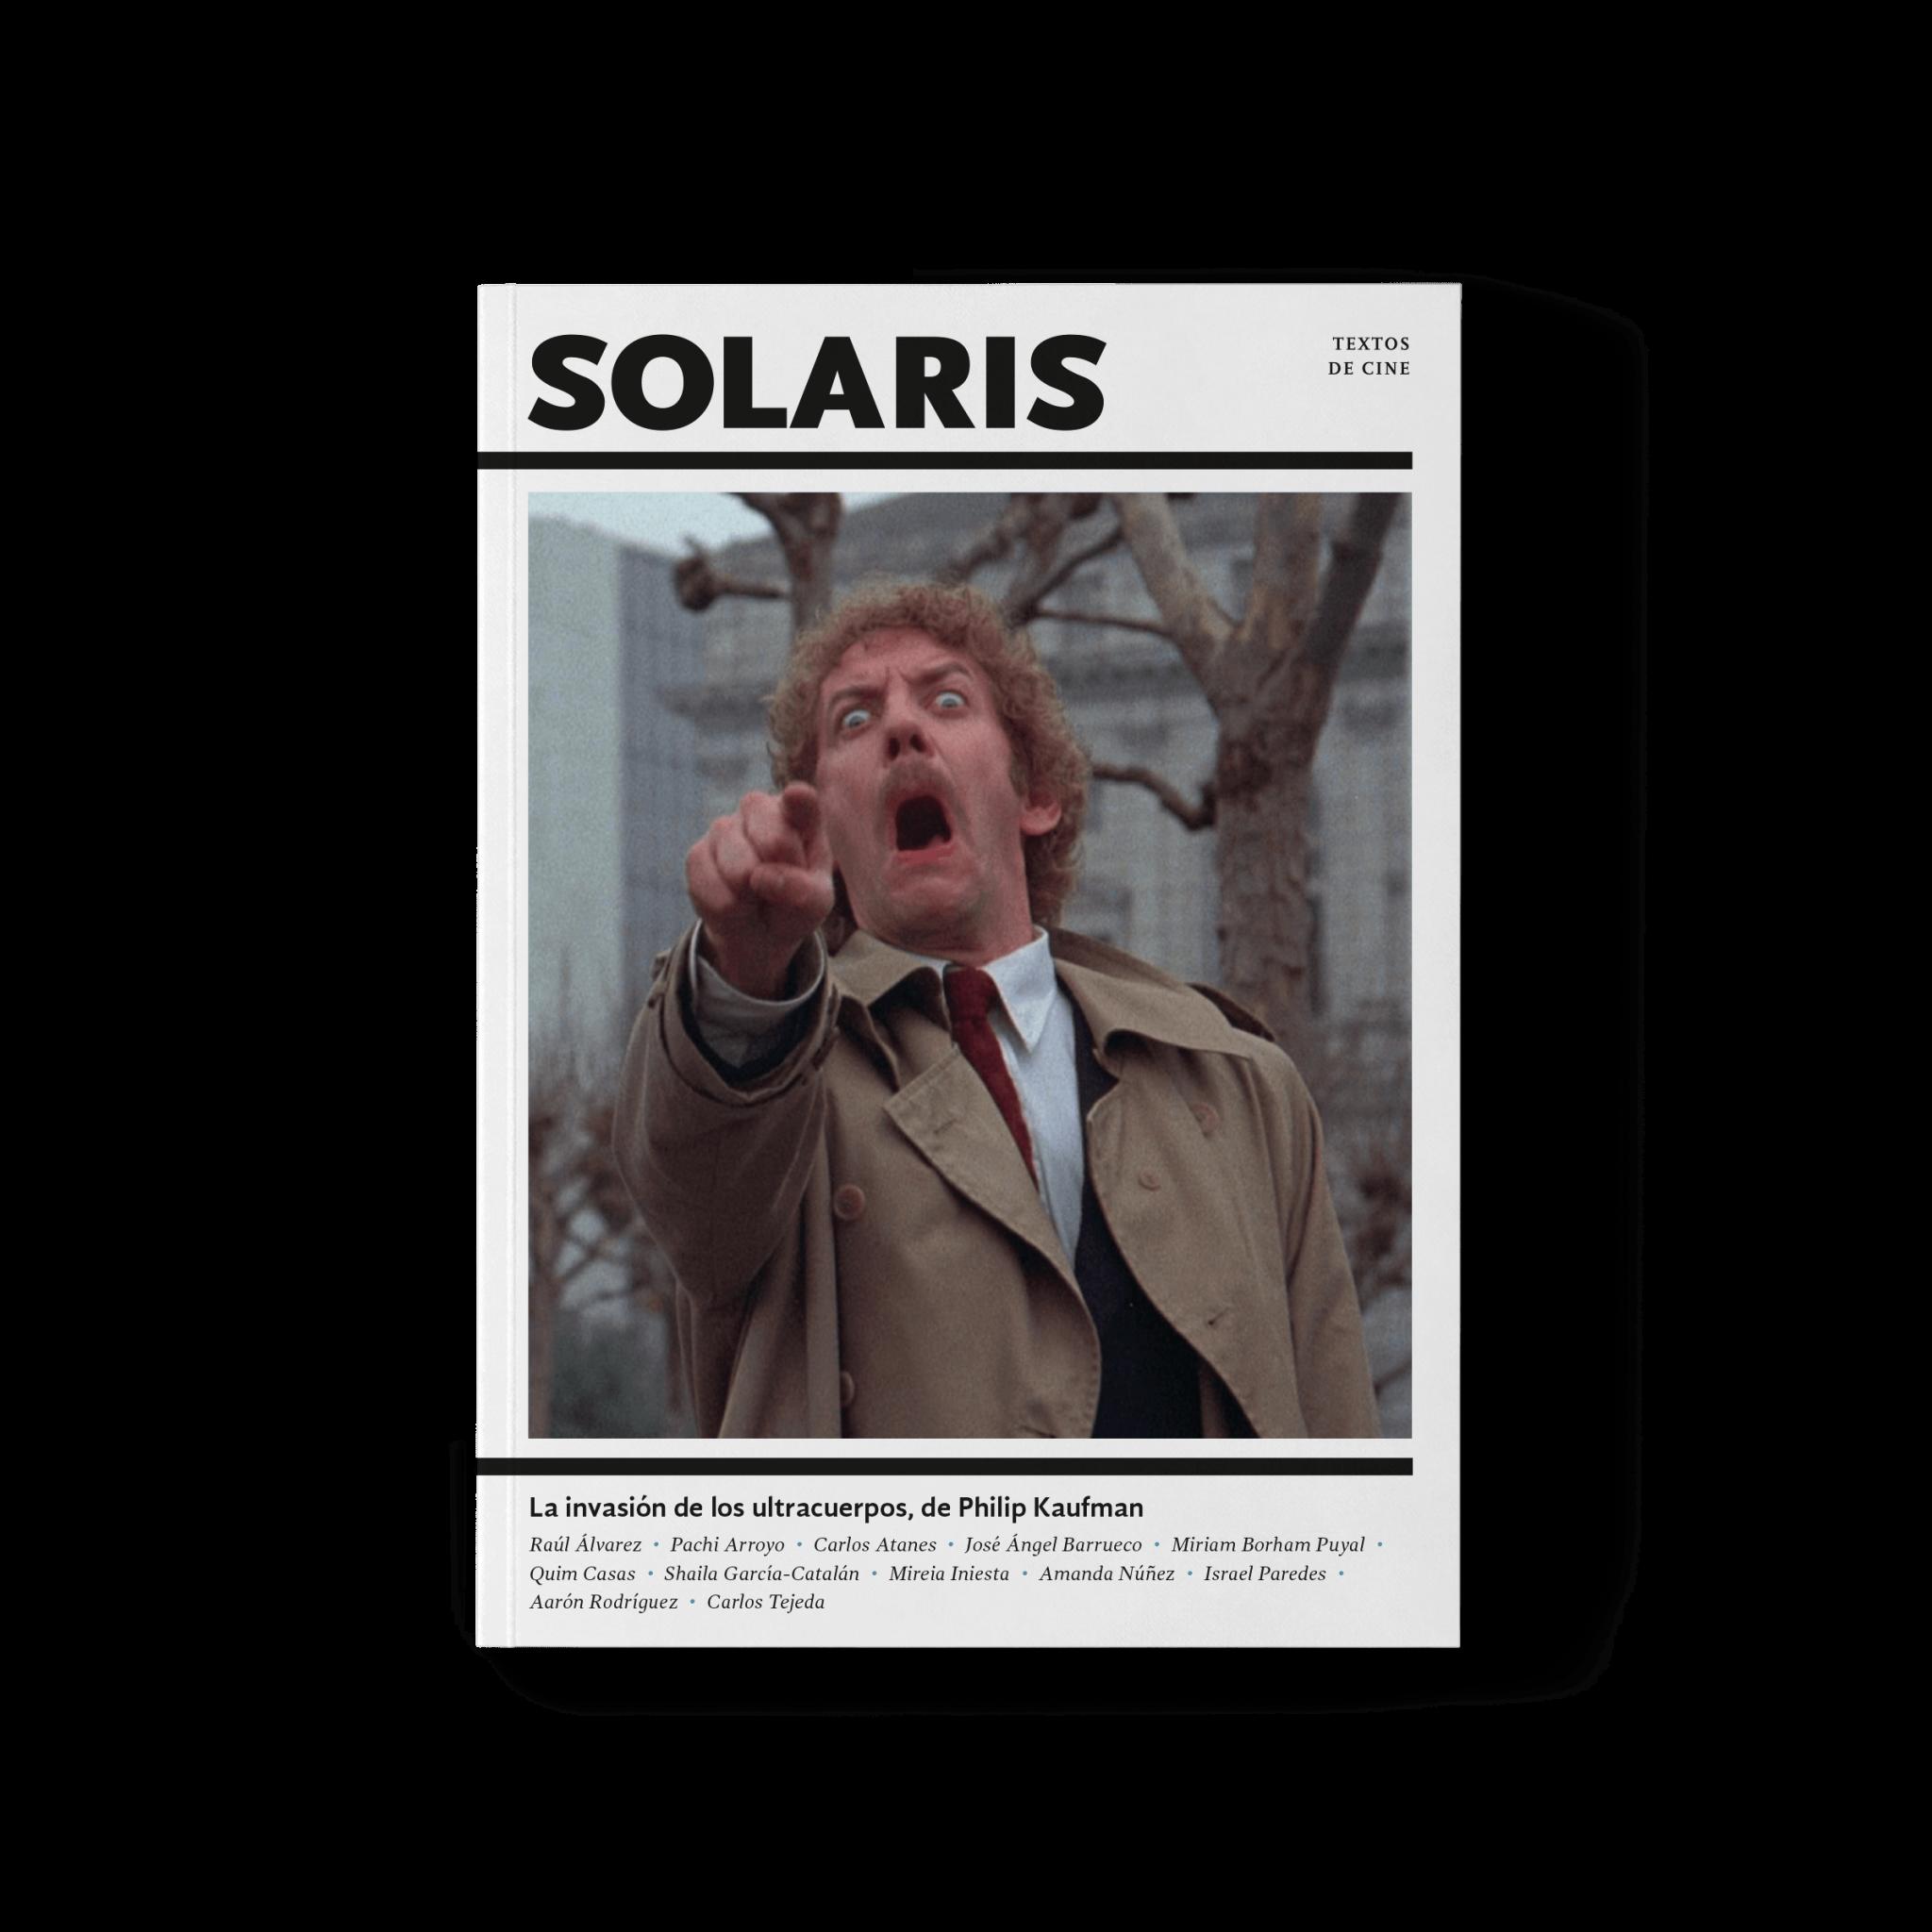 La invasión de los ultracuerpos, de Philip Kaufman - Solaris, Textos de Cine